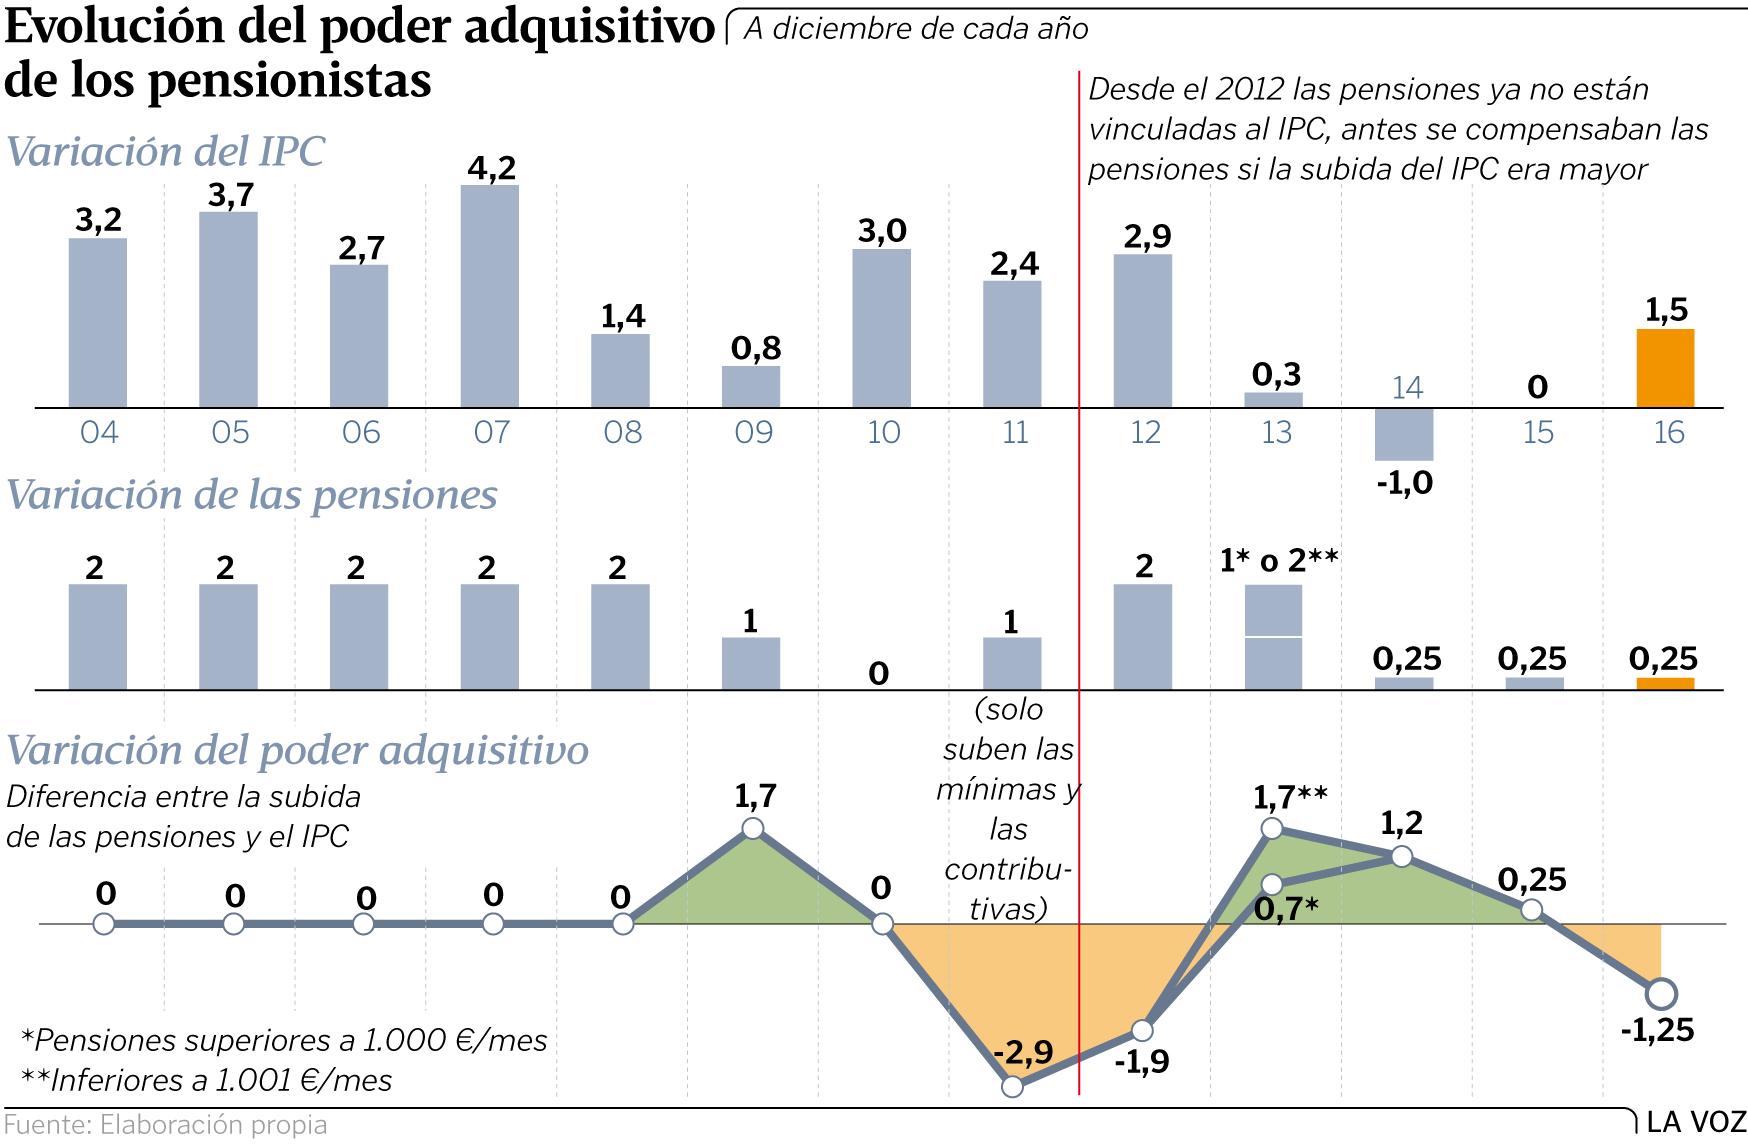 """Pensiones, jubilad@s. Continuidad en el """"damos y quitamos"""". Aumento de la privatización. La OCDE y el FMI por disminuirlas, retrasarlas...   - Página 6 Ge2p2g1-01"""